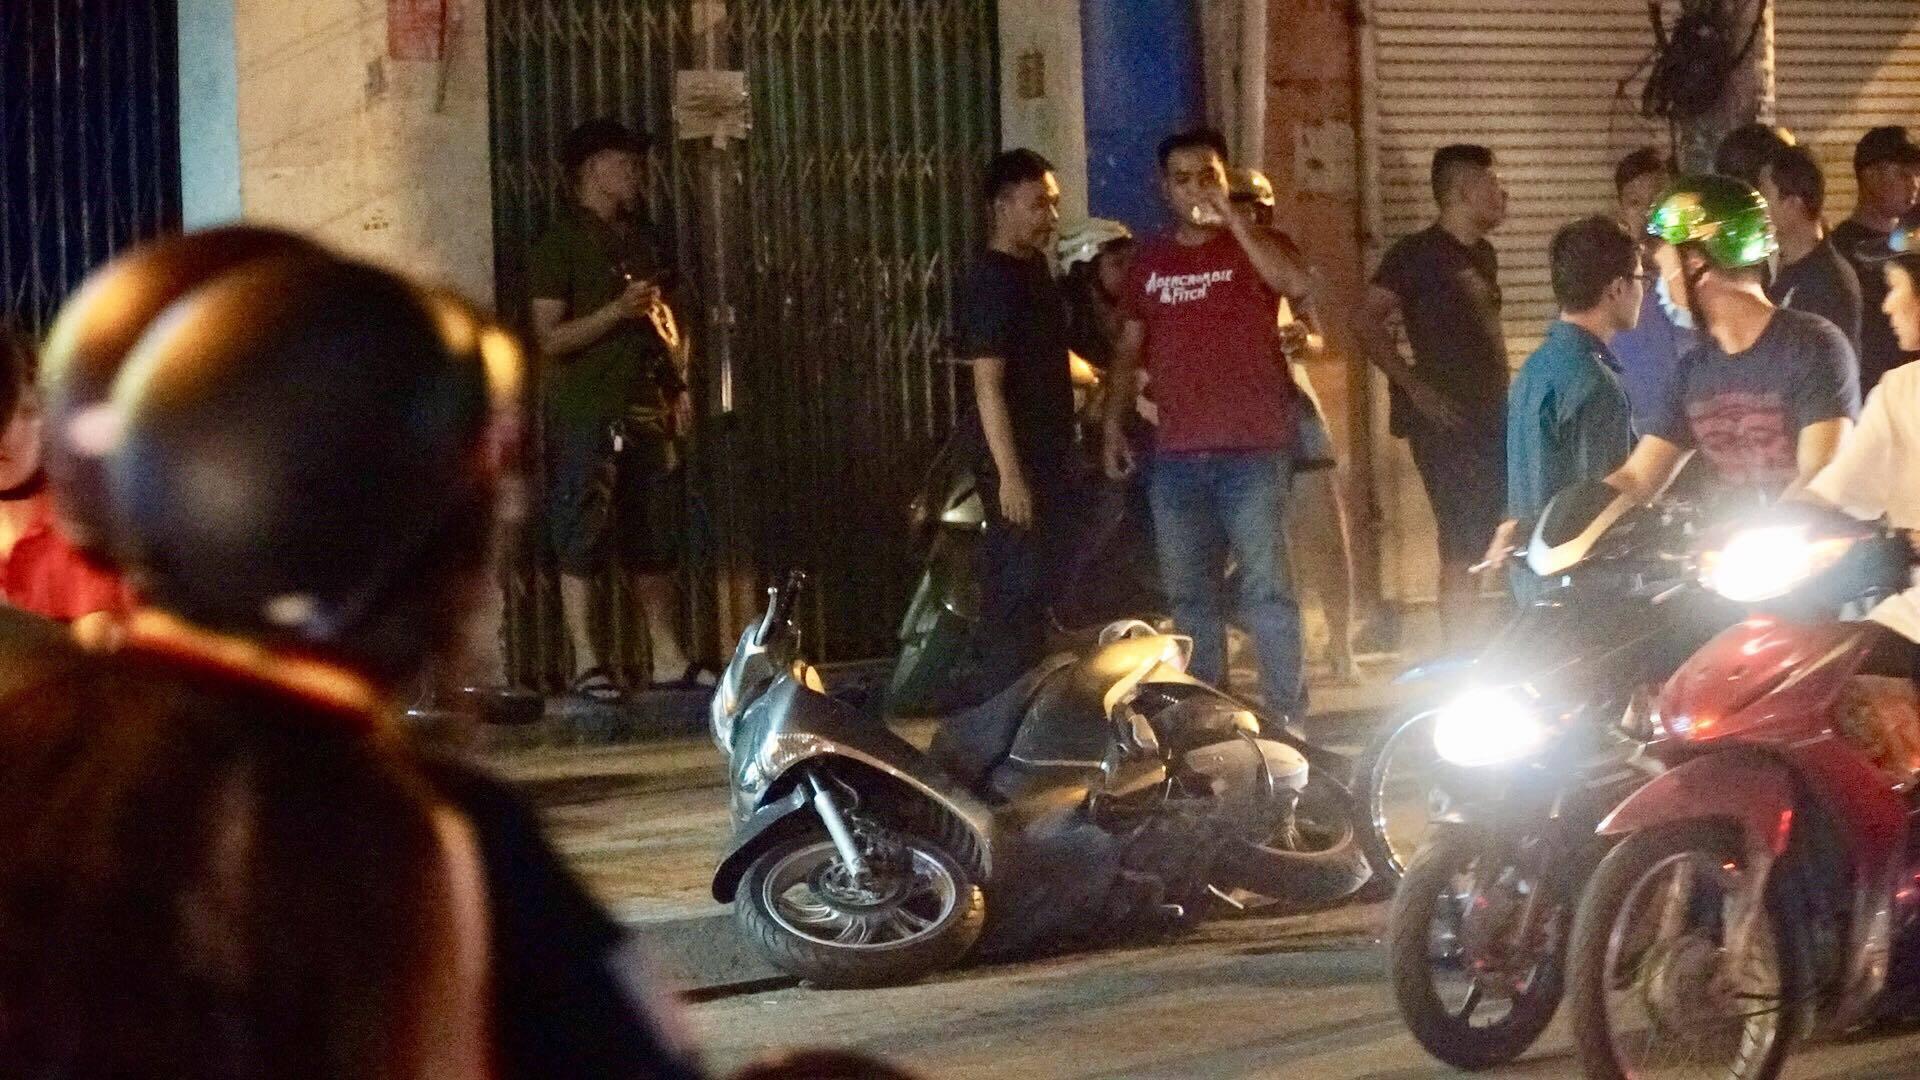 hiệp sĩ đường phố,hiệp sĩ Sài Gòn,trộm cướp,cướp tài sản,trộm cắp tài sản,Sài Gòn